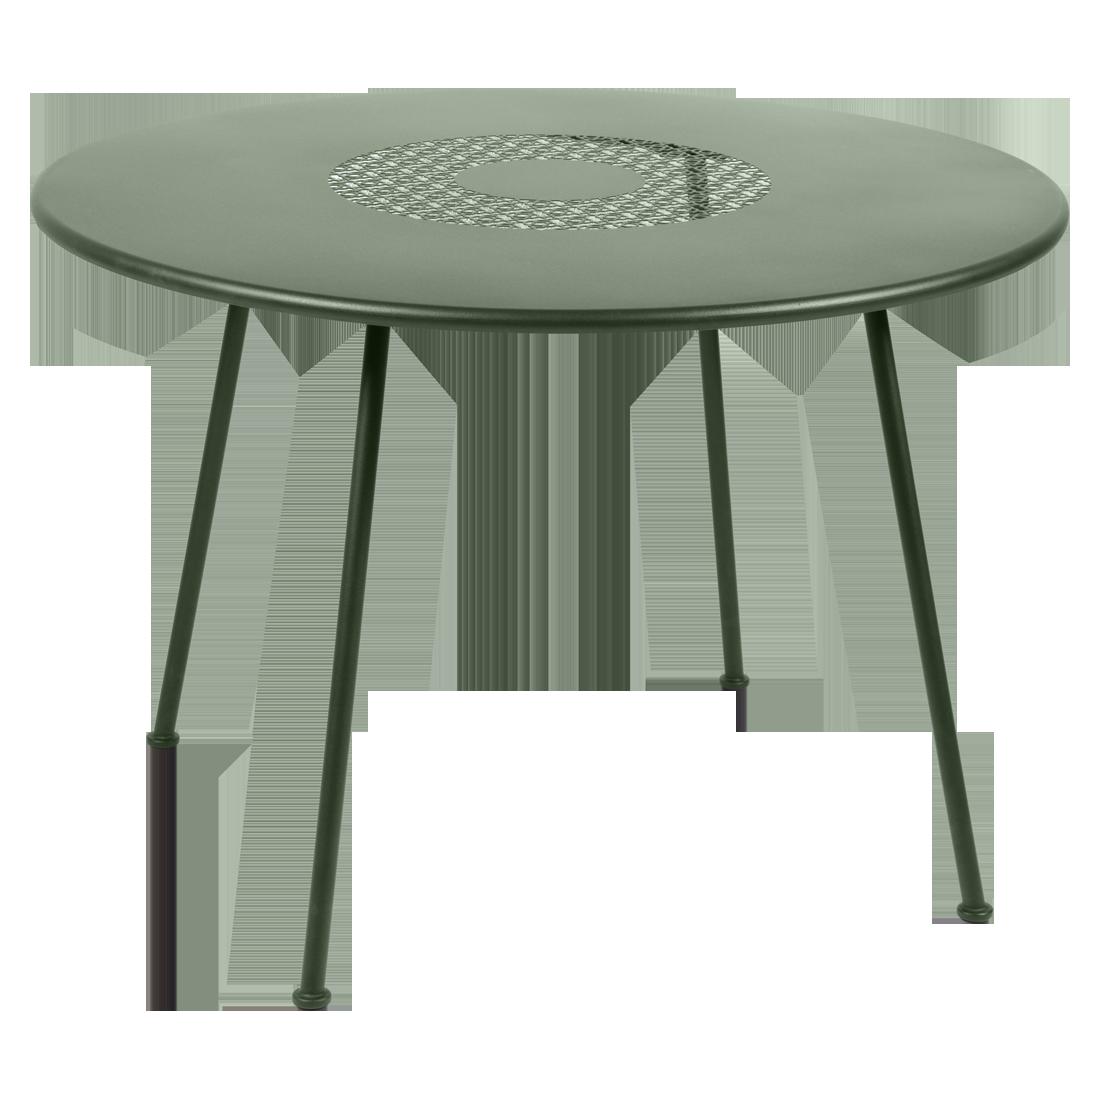 Table Ronde 110 Cm.Table Ronde Lorette O 110 Cm De Fermob Cactus